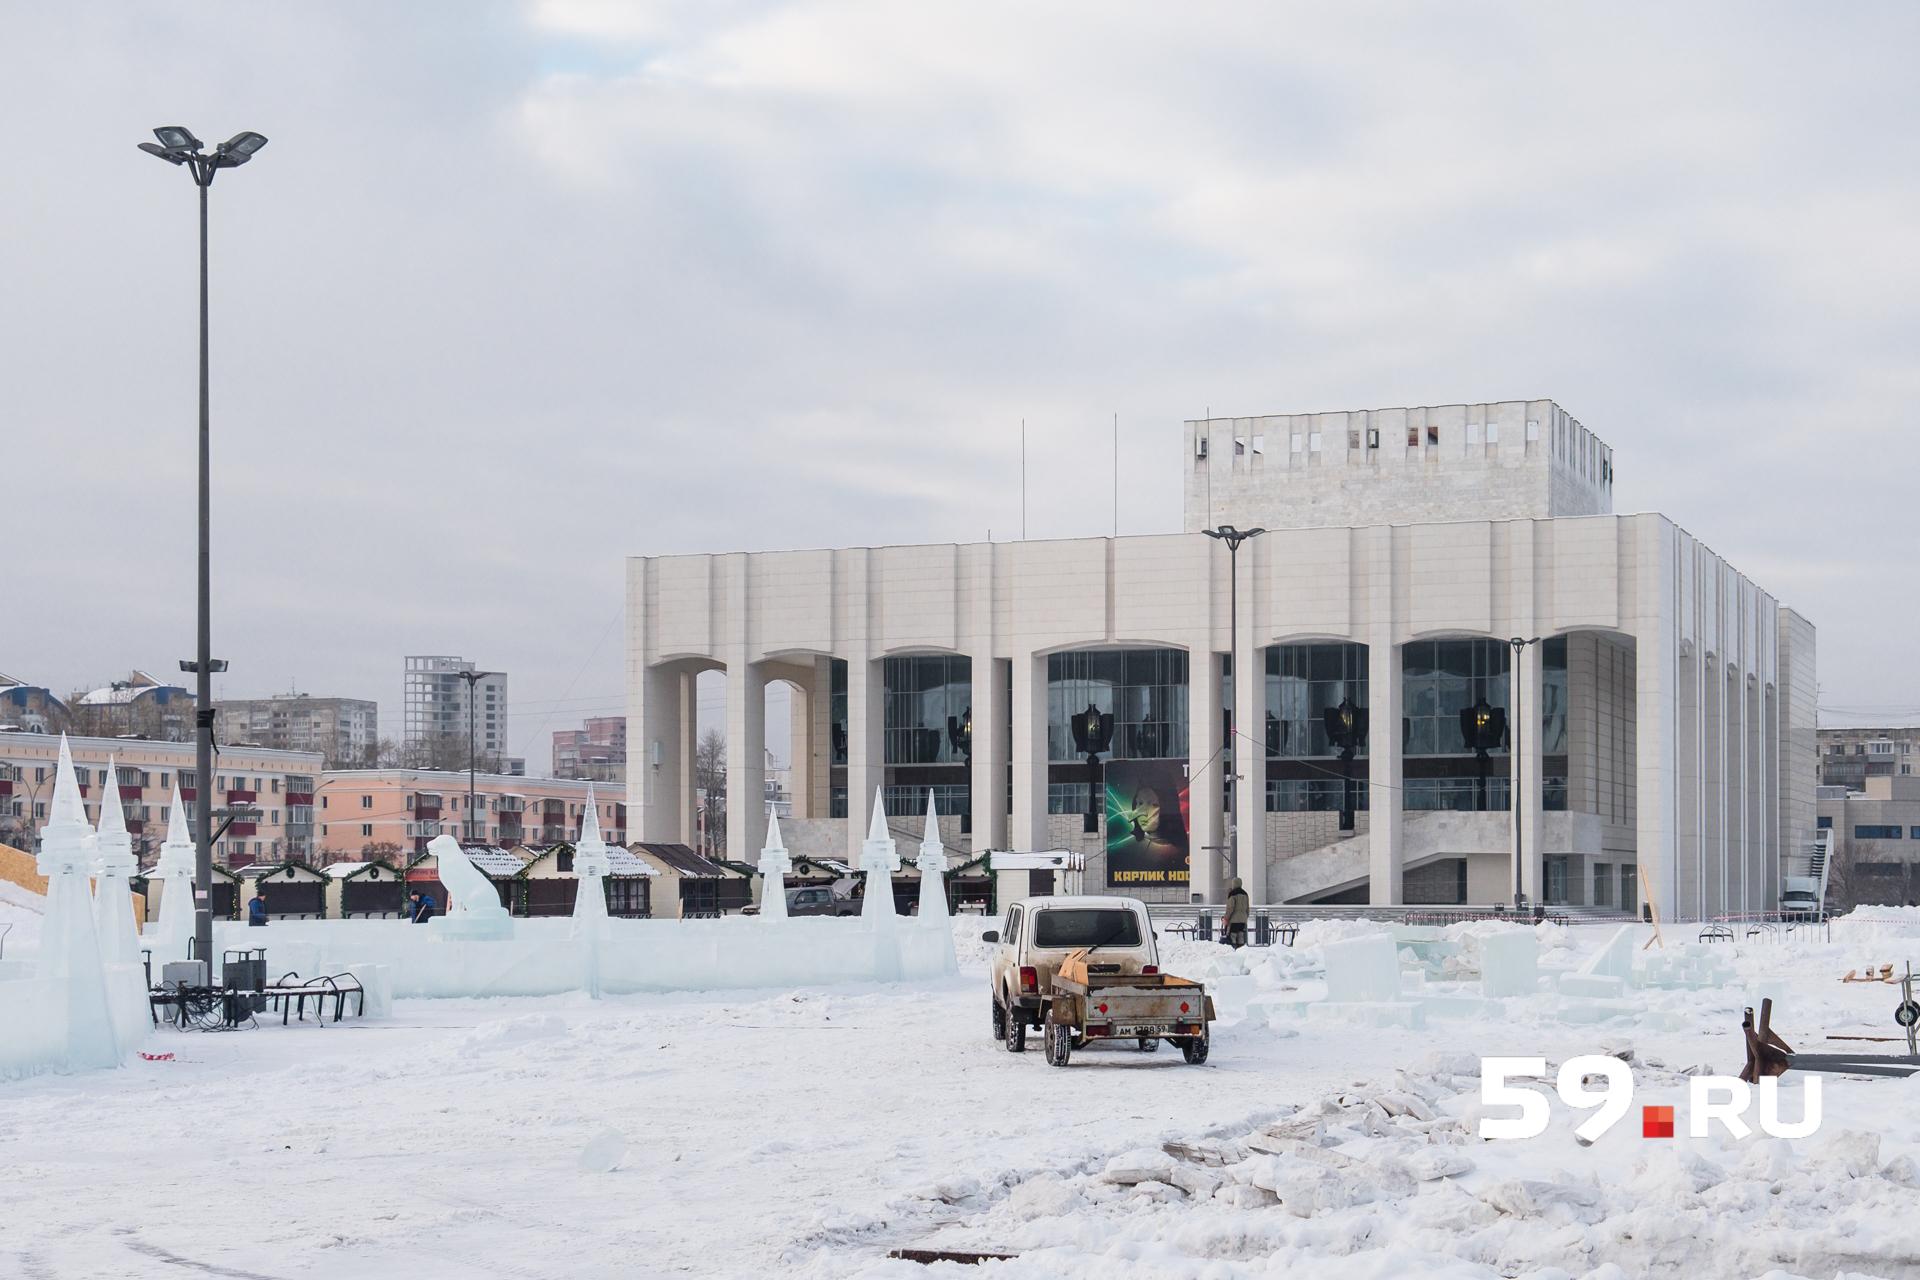 По периметру катка установлены ледовые скульптуры елок и собак